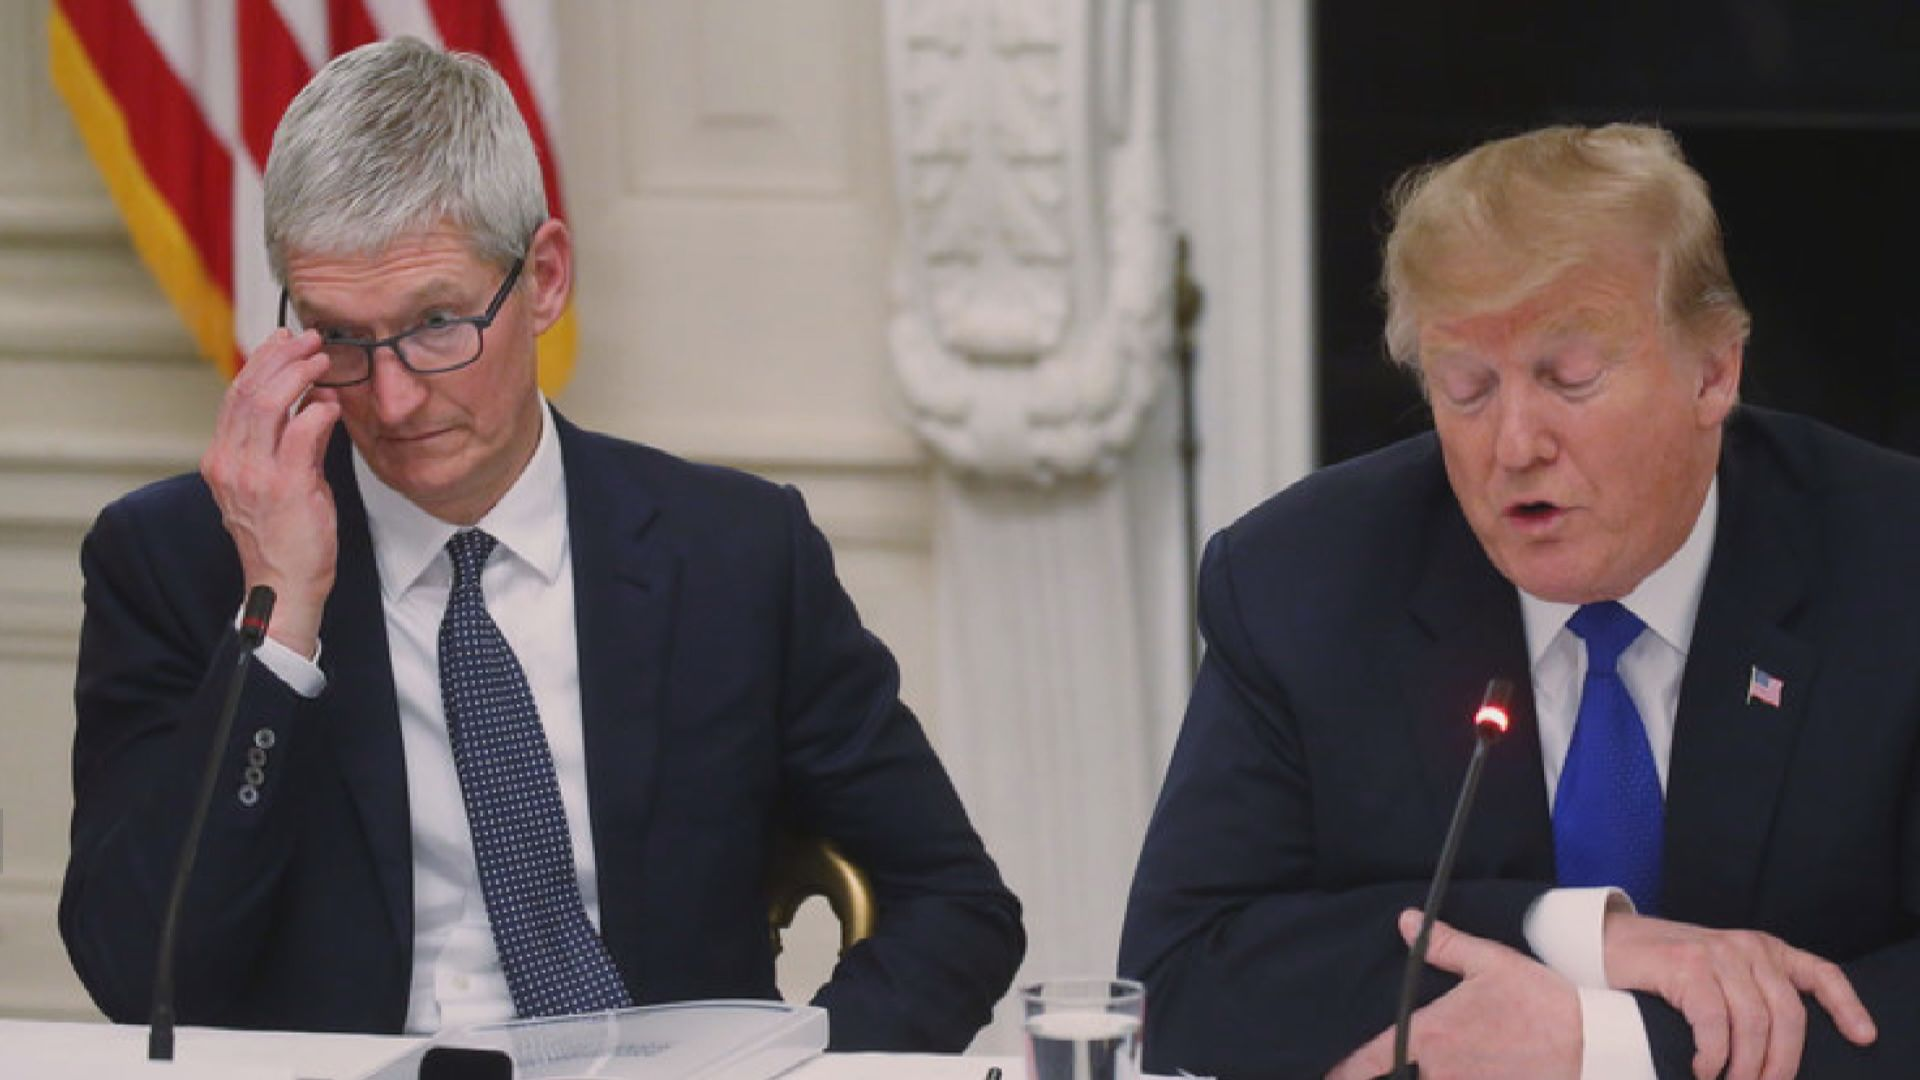 特朗普:庫克憂面對三星 蘋果將因關稅失優勢